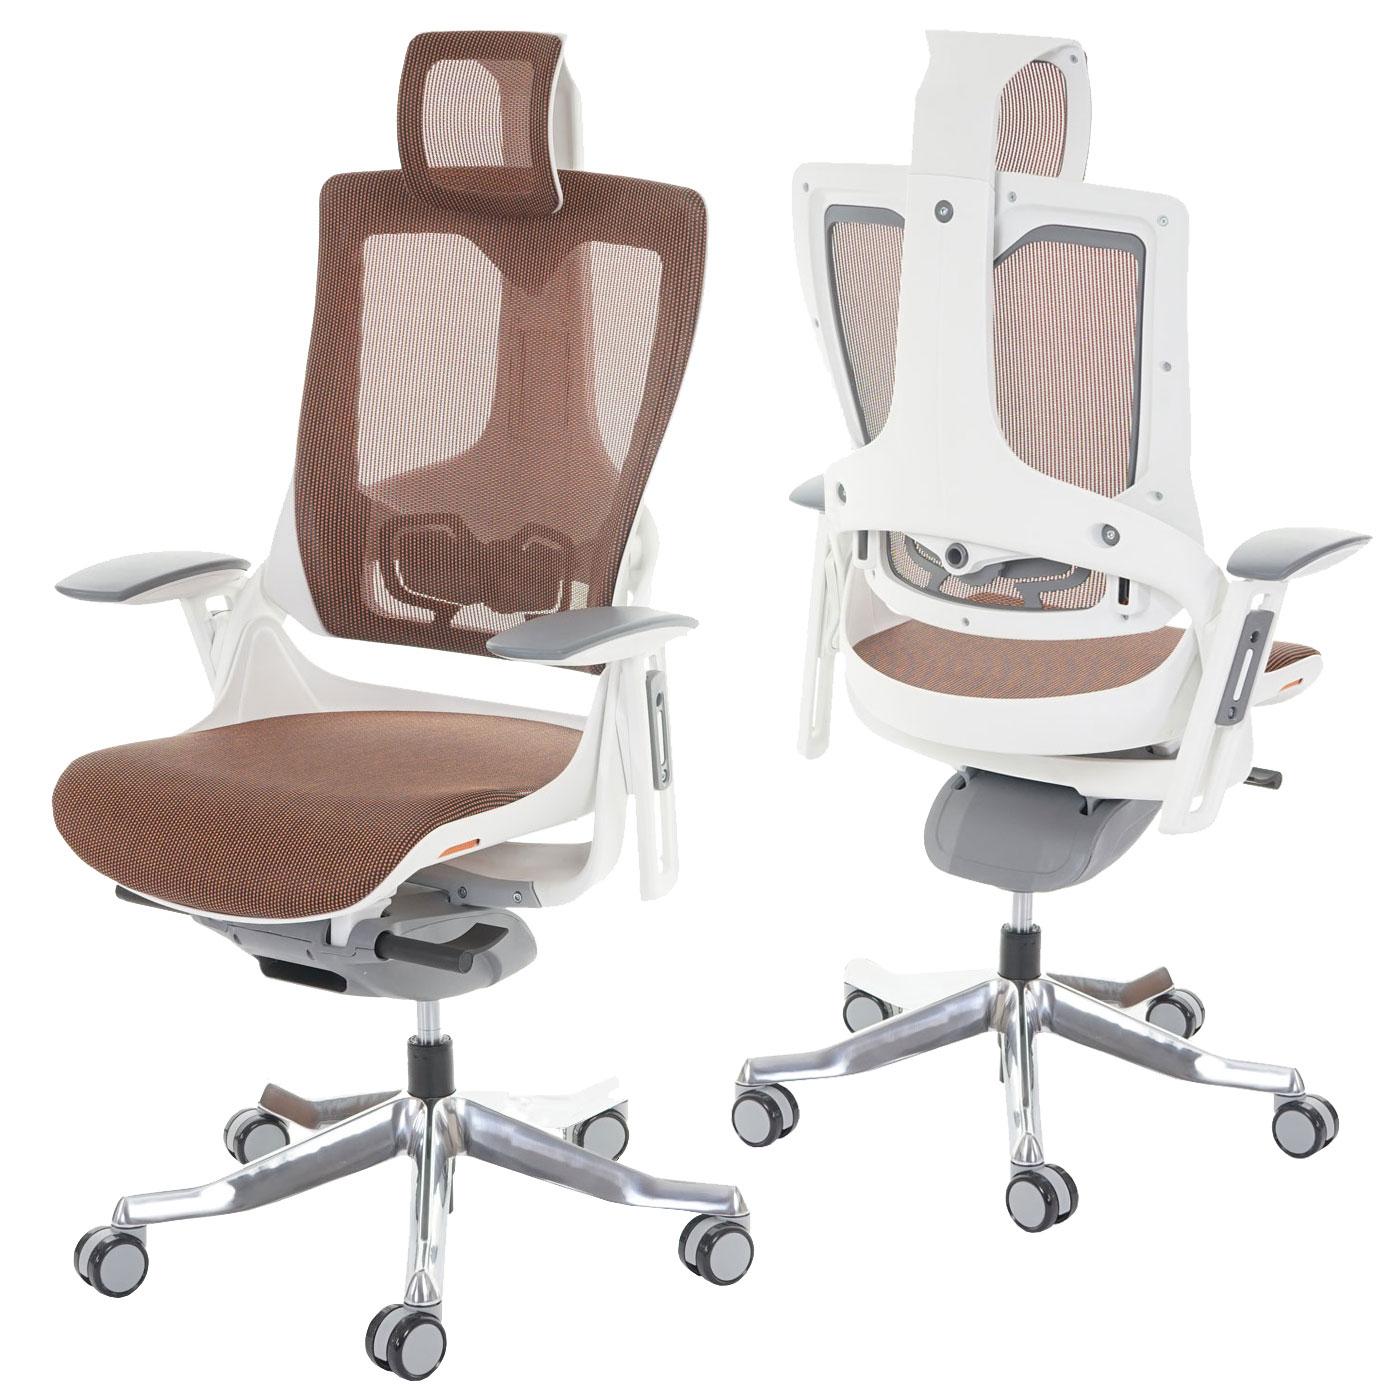 Ergonomischer bürostuhl preise  MERRYFAIR Wau 2, Schreibtischstuhl Drehstuhl, Polster/Netz ...